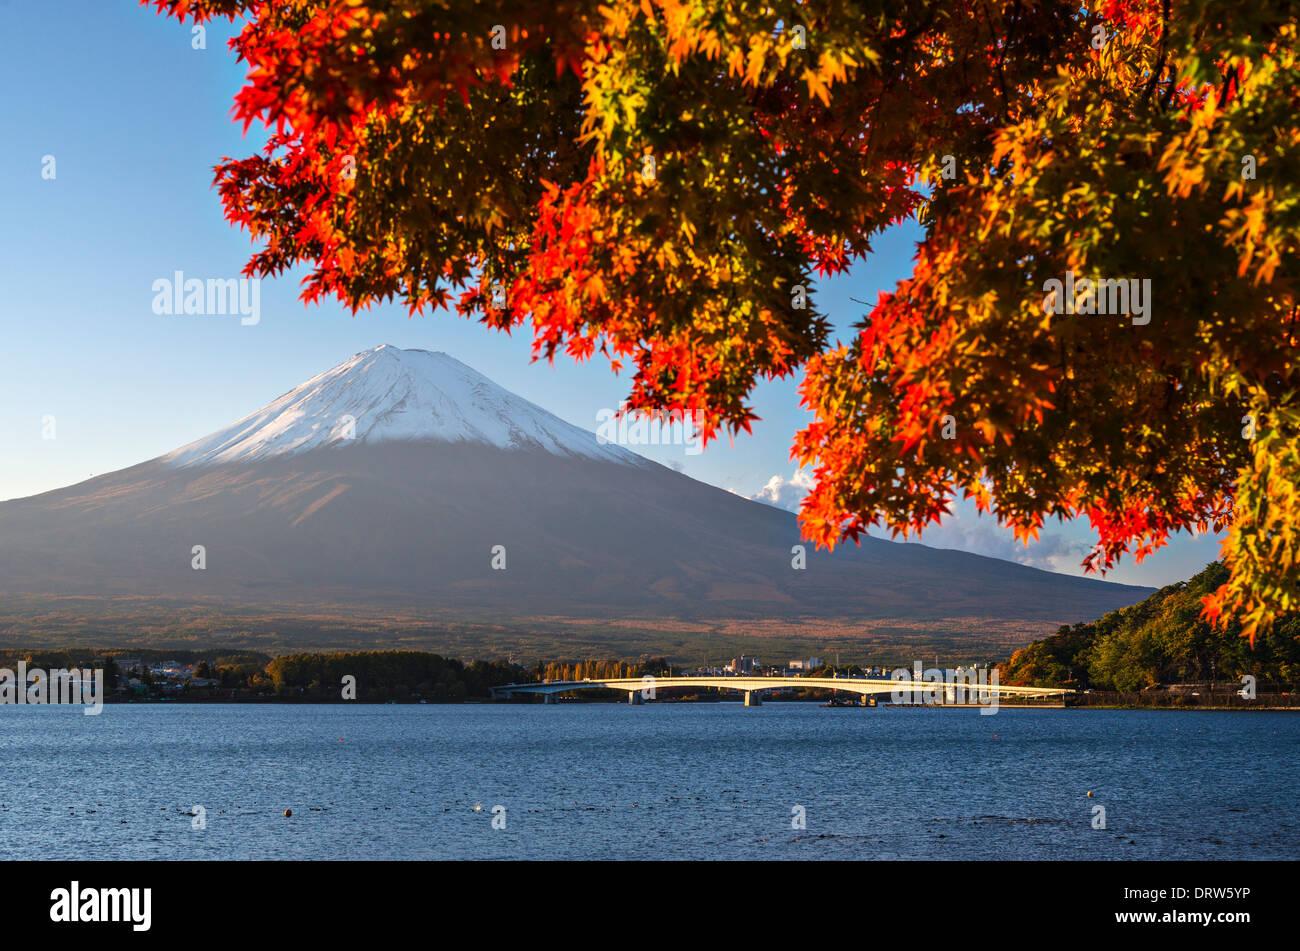 Mt Fuji in the Fall season. Stock Photo